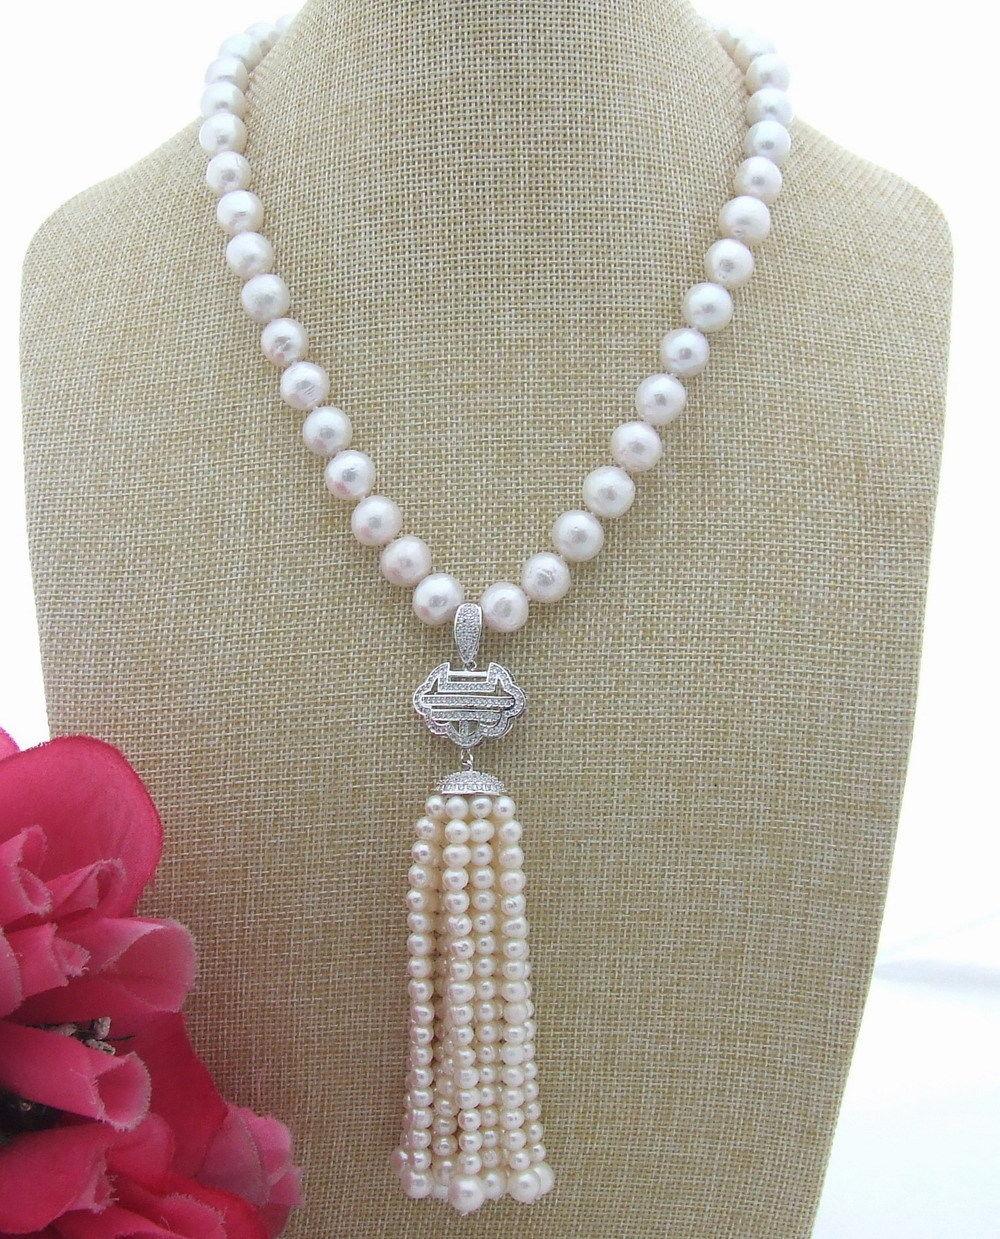 FC032103 20 Natural White Keshi Pearl CZ Pendant NecklaceFC032103 20 Natural White Keshi Pearl CZ Pendant Necklace